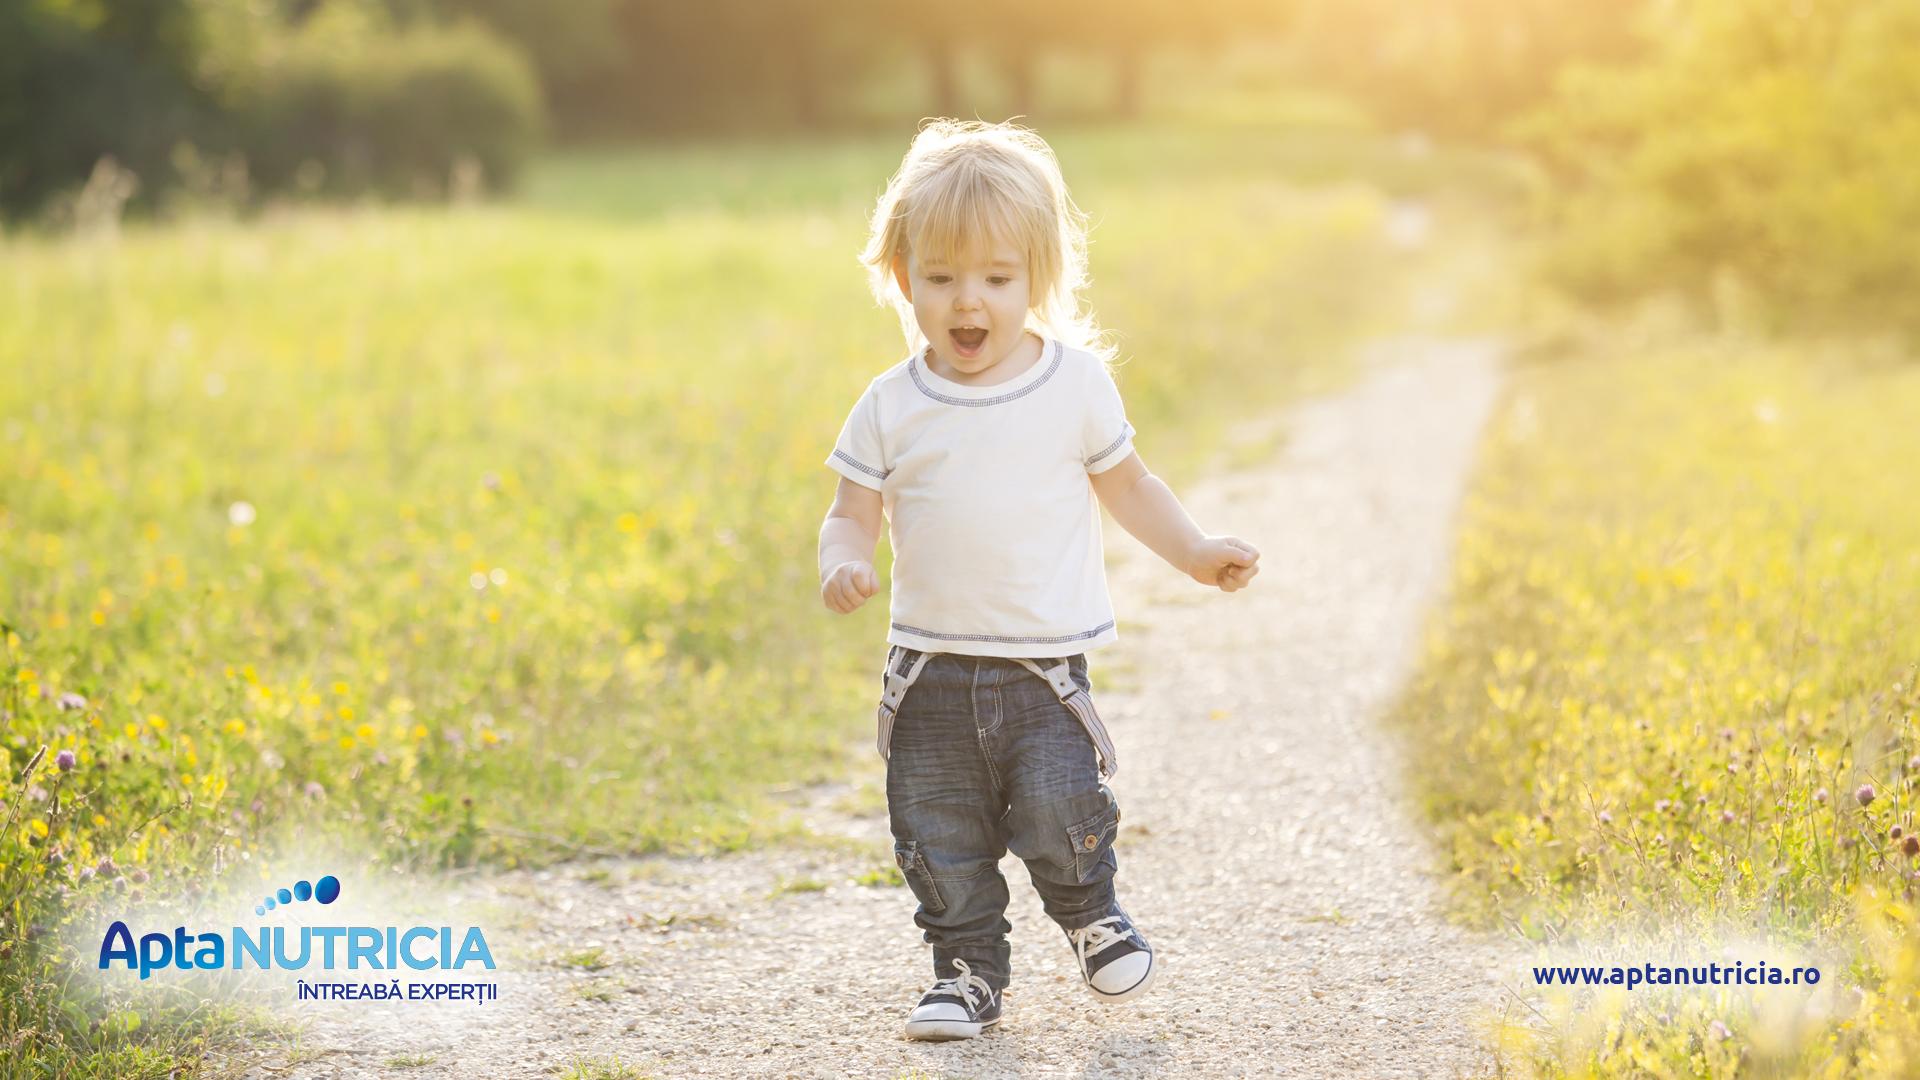 (P) Primii 3 ani de viață sunt esențiali pentru crearea unui sistem imunitar puternic al copilului